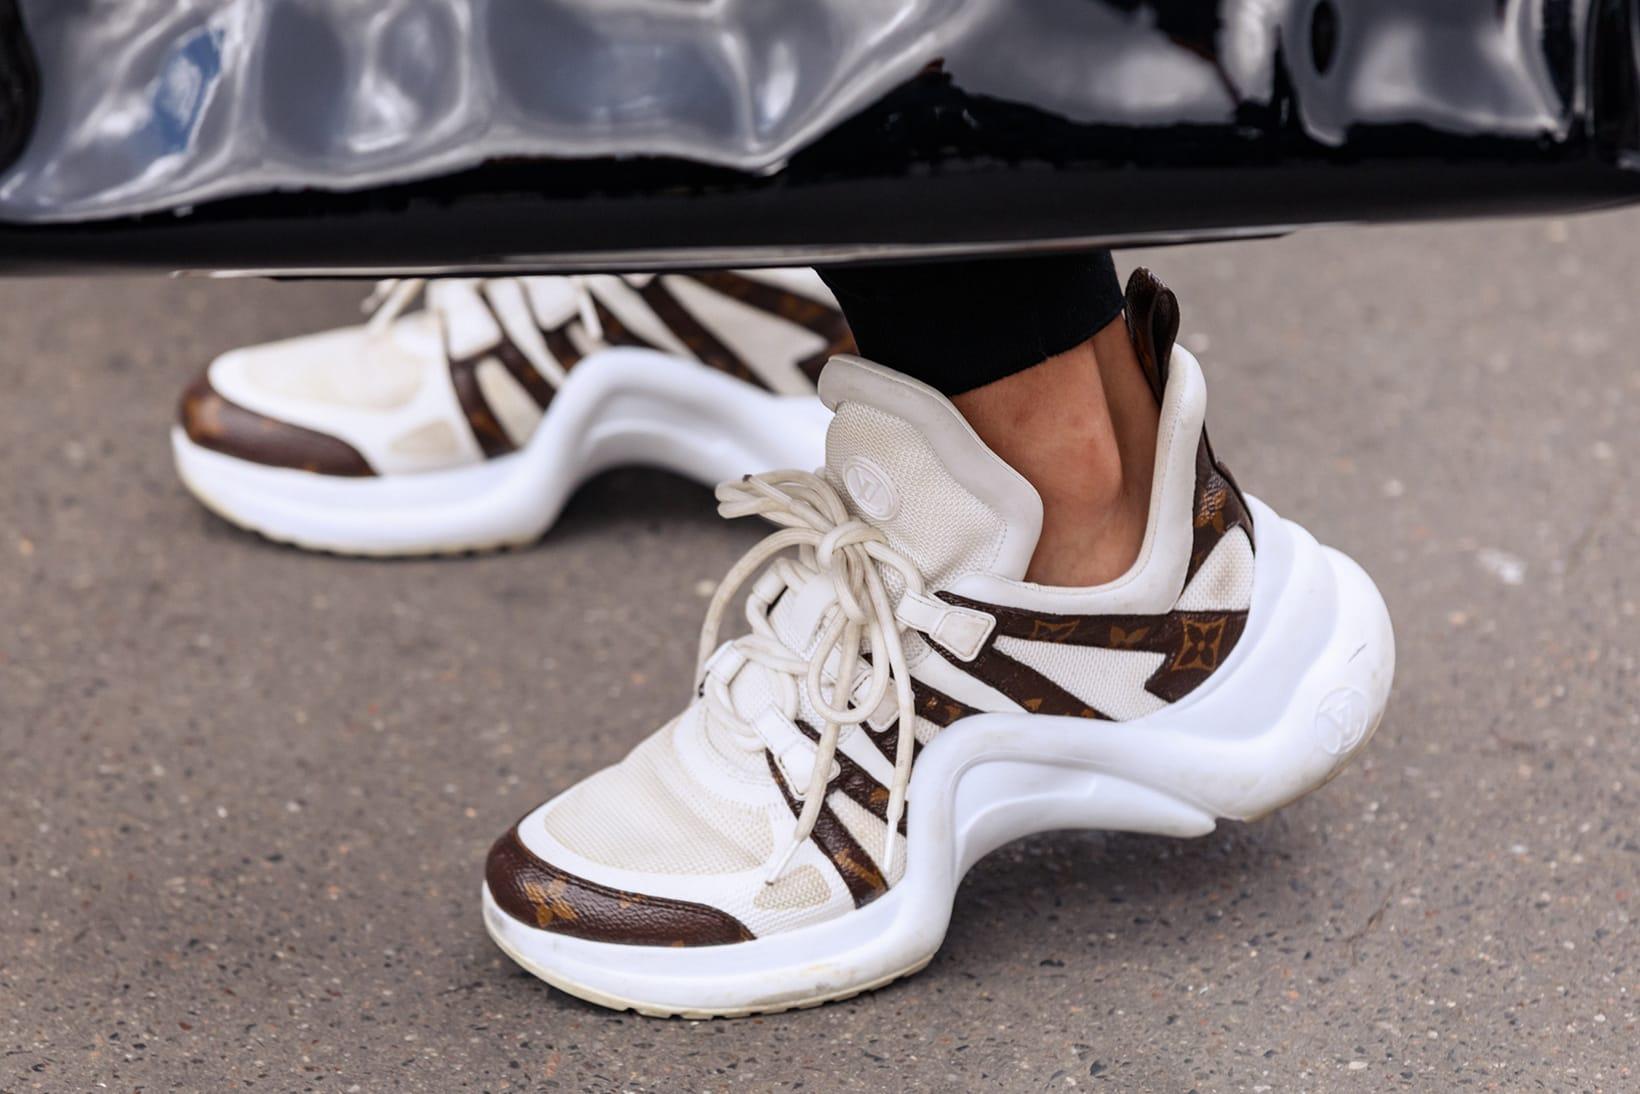 Sneakers at Paris Fashion Week